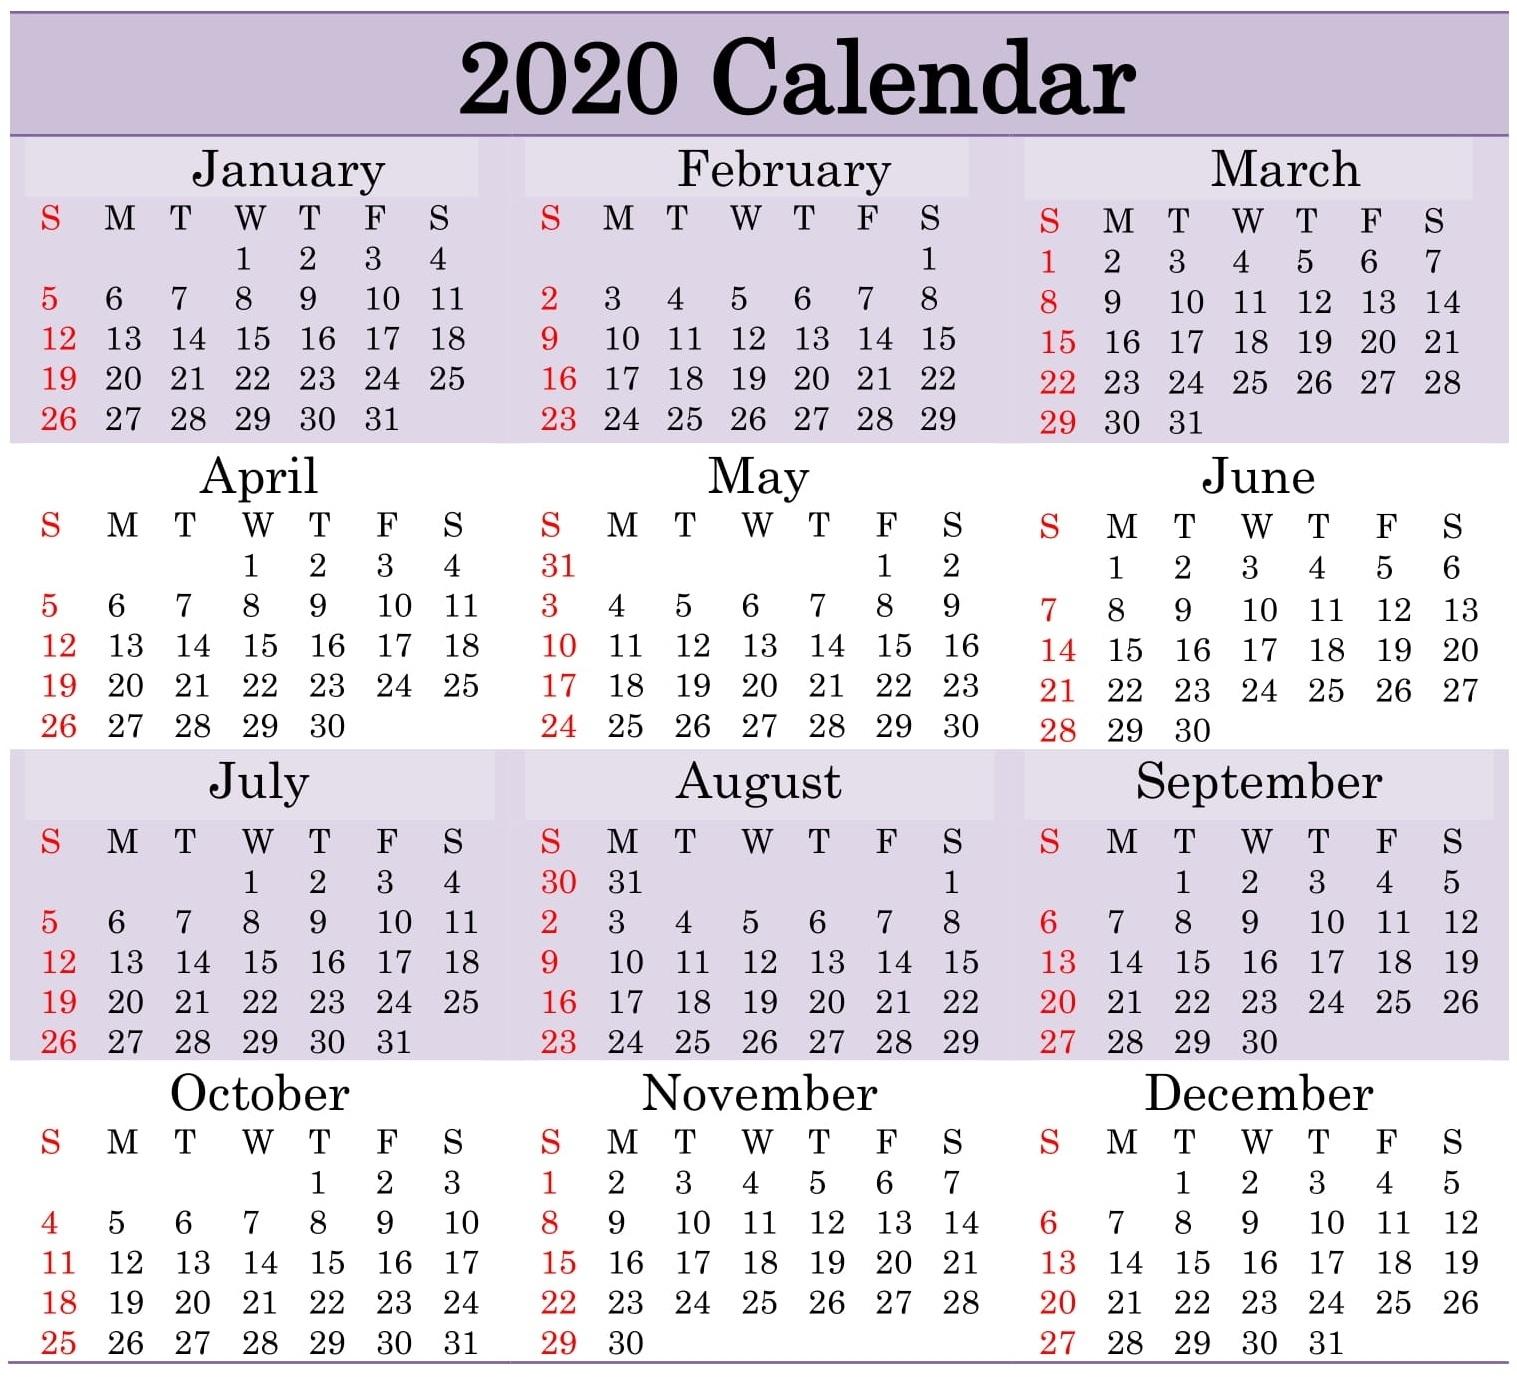 Take Julian Date July 20 2021